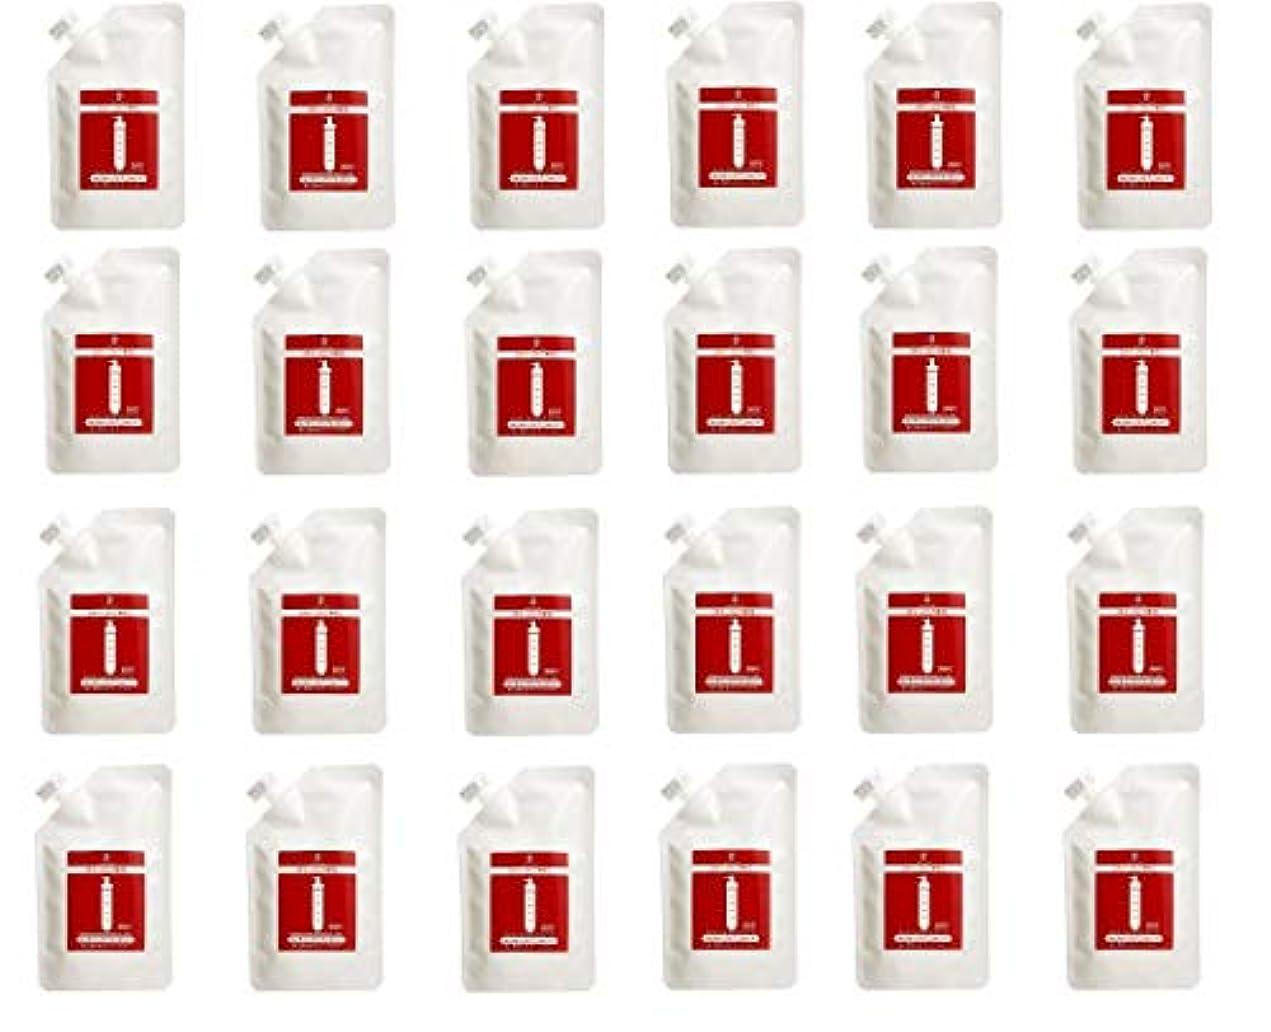 消えるリーク確かめる【24個セット】 マーガレット ジョセフィン ダメージケアエッセンス 詰替え用 120ml